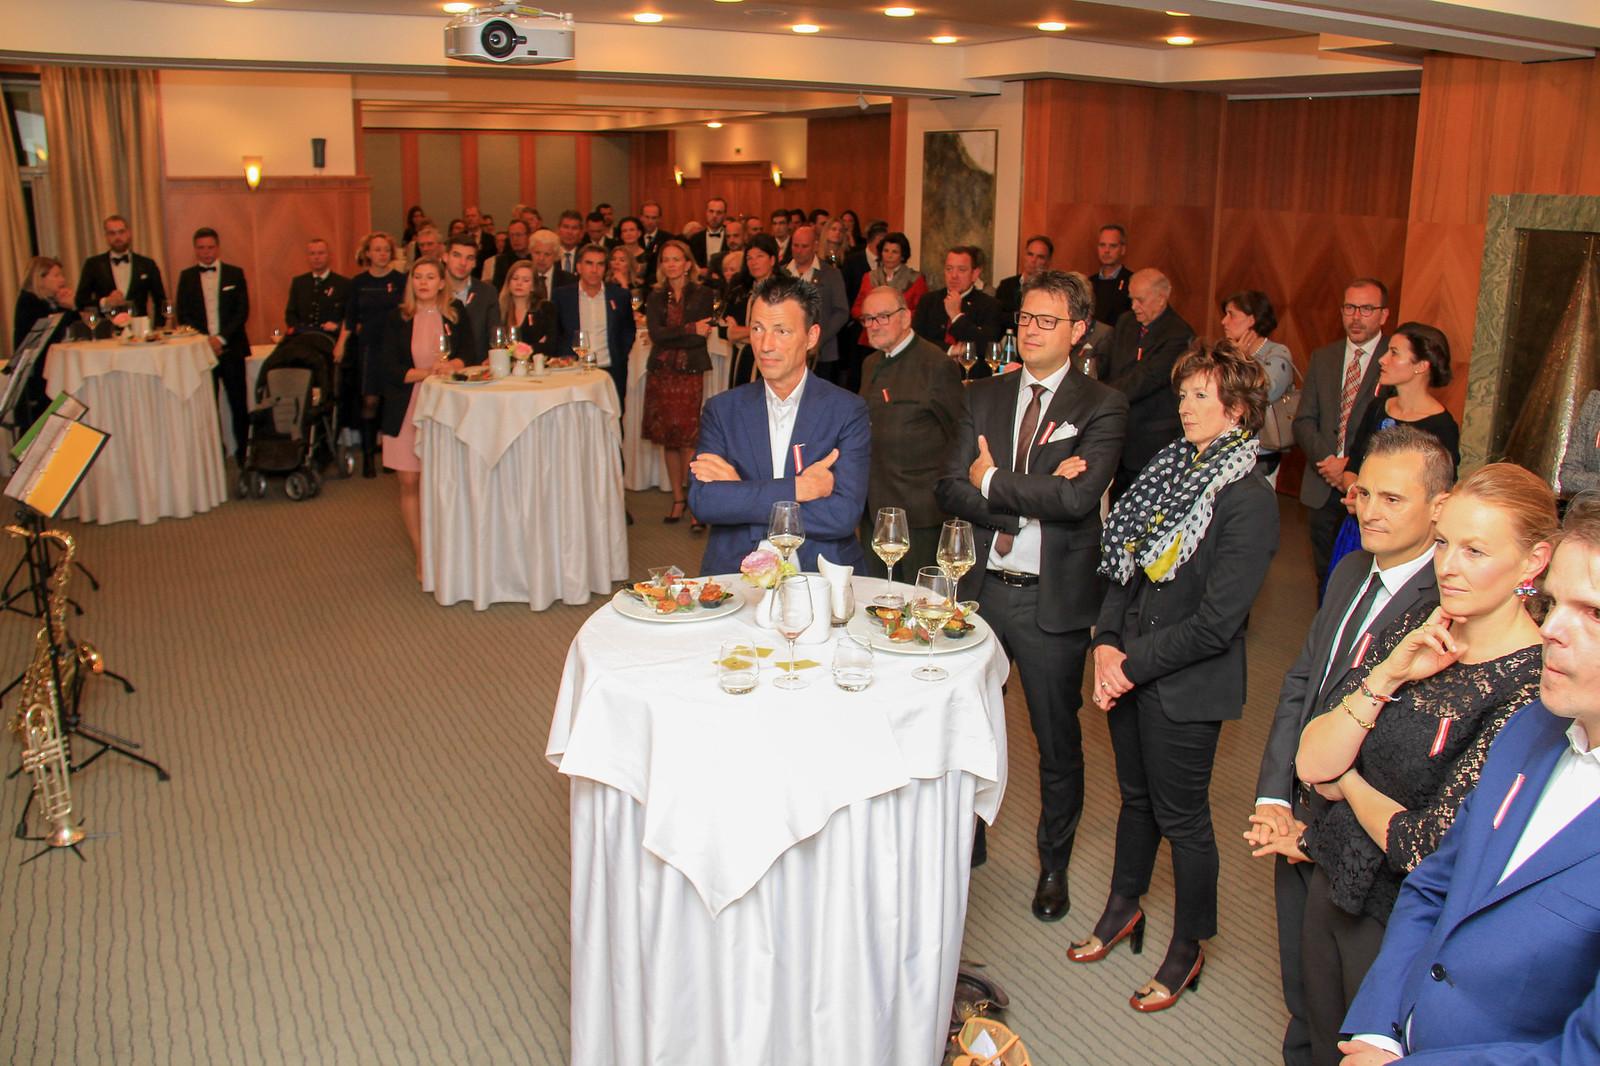 Empfang zum Österreichischen Nationalfeiertag, 26.10.2017 Hotel Laurin in Bozen